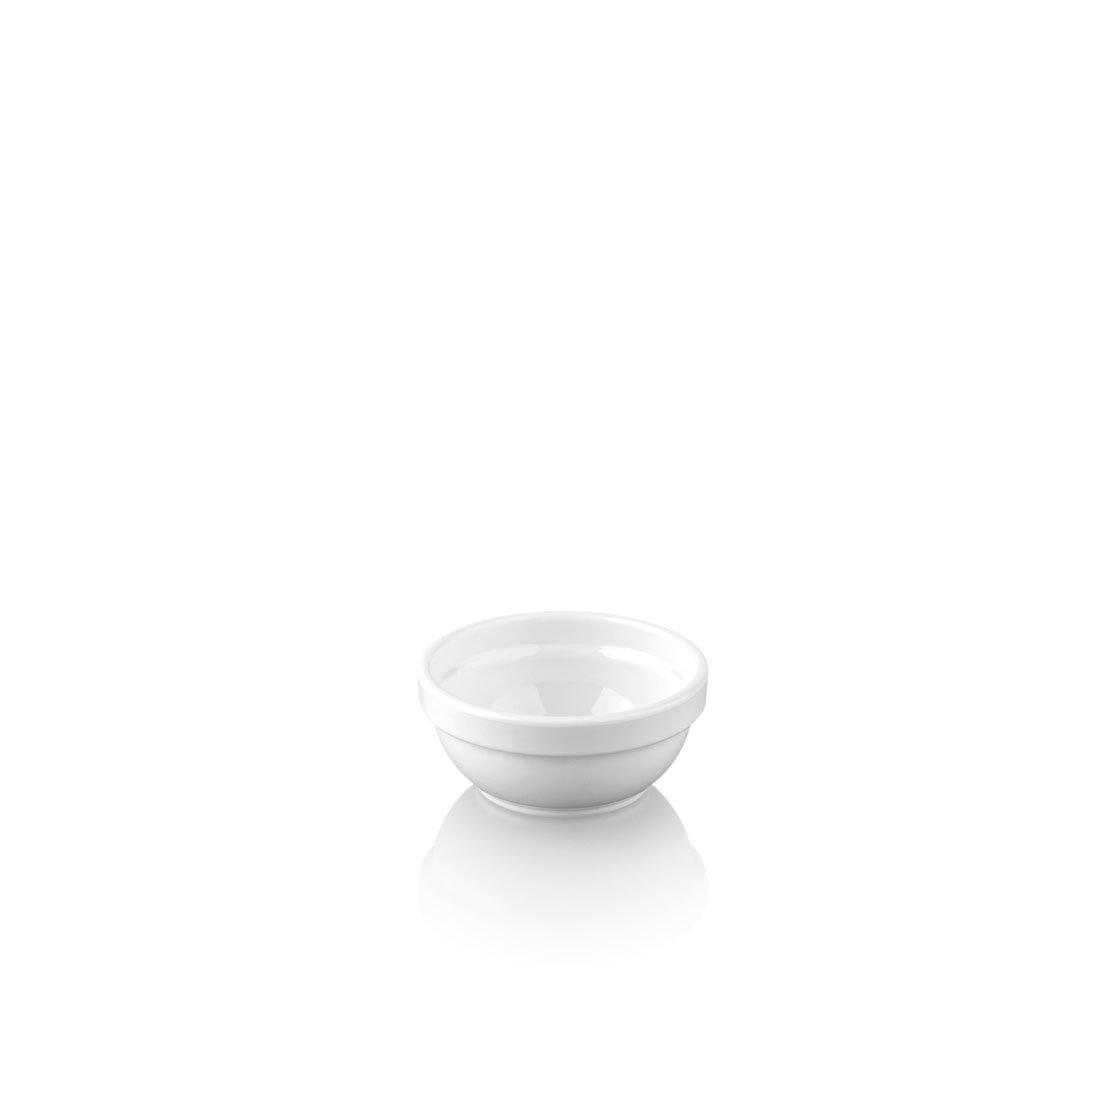 TemoPlast Polycarbonate Ramekins 40ml Pack Quantity 10 Ramekins, Condiment Pots, Sauce-Jam Ramekins, Dip Bowls (White) PlastPort